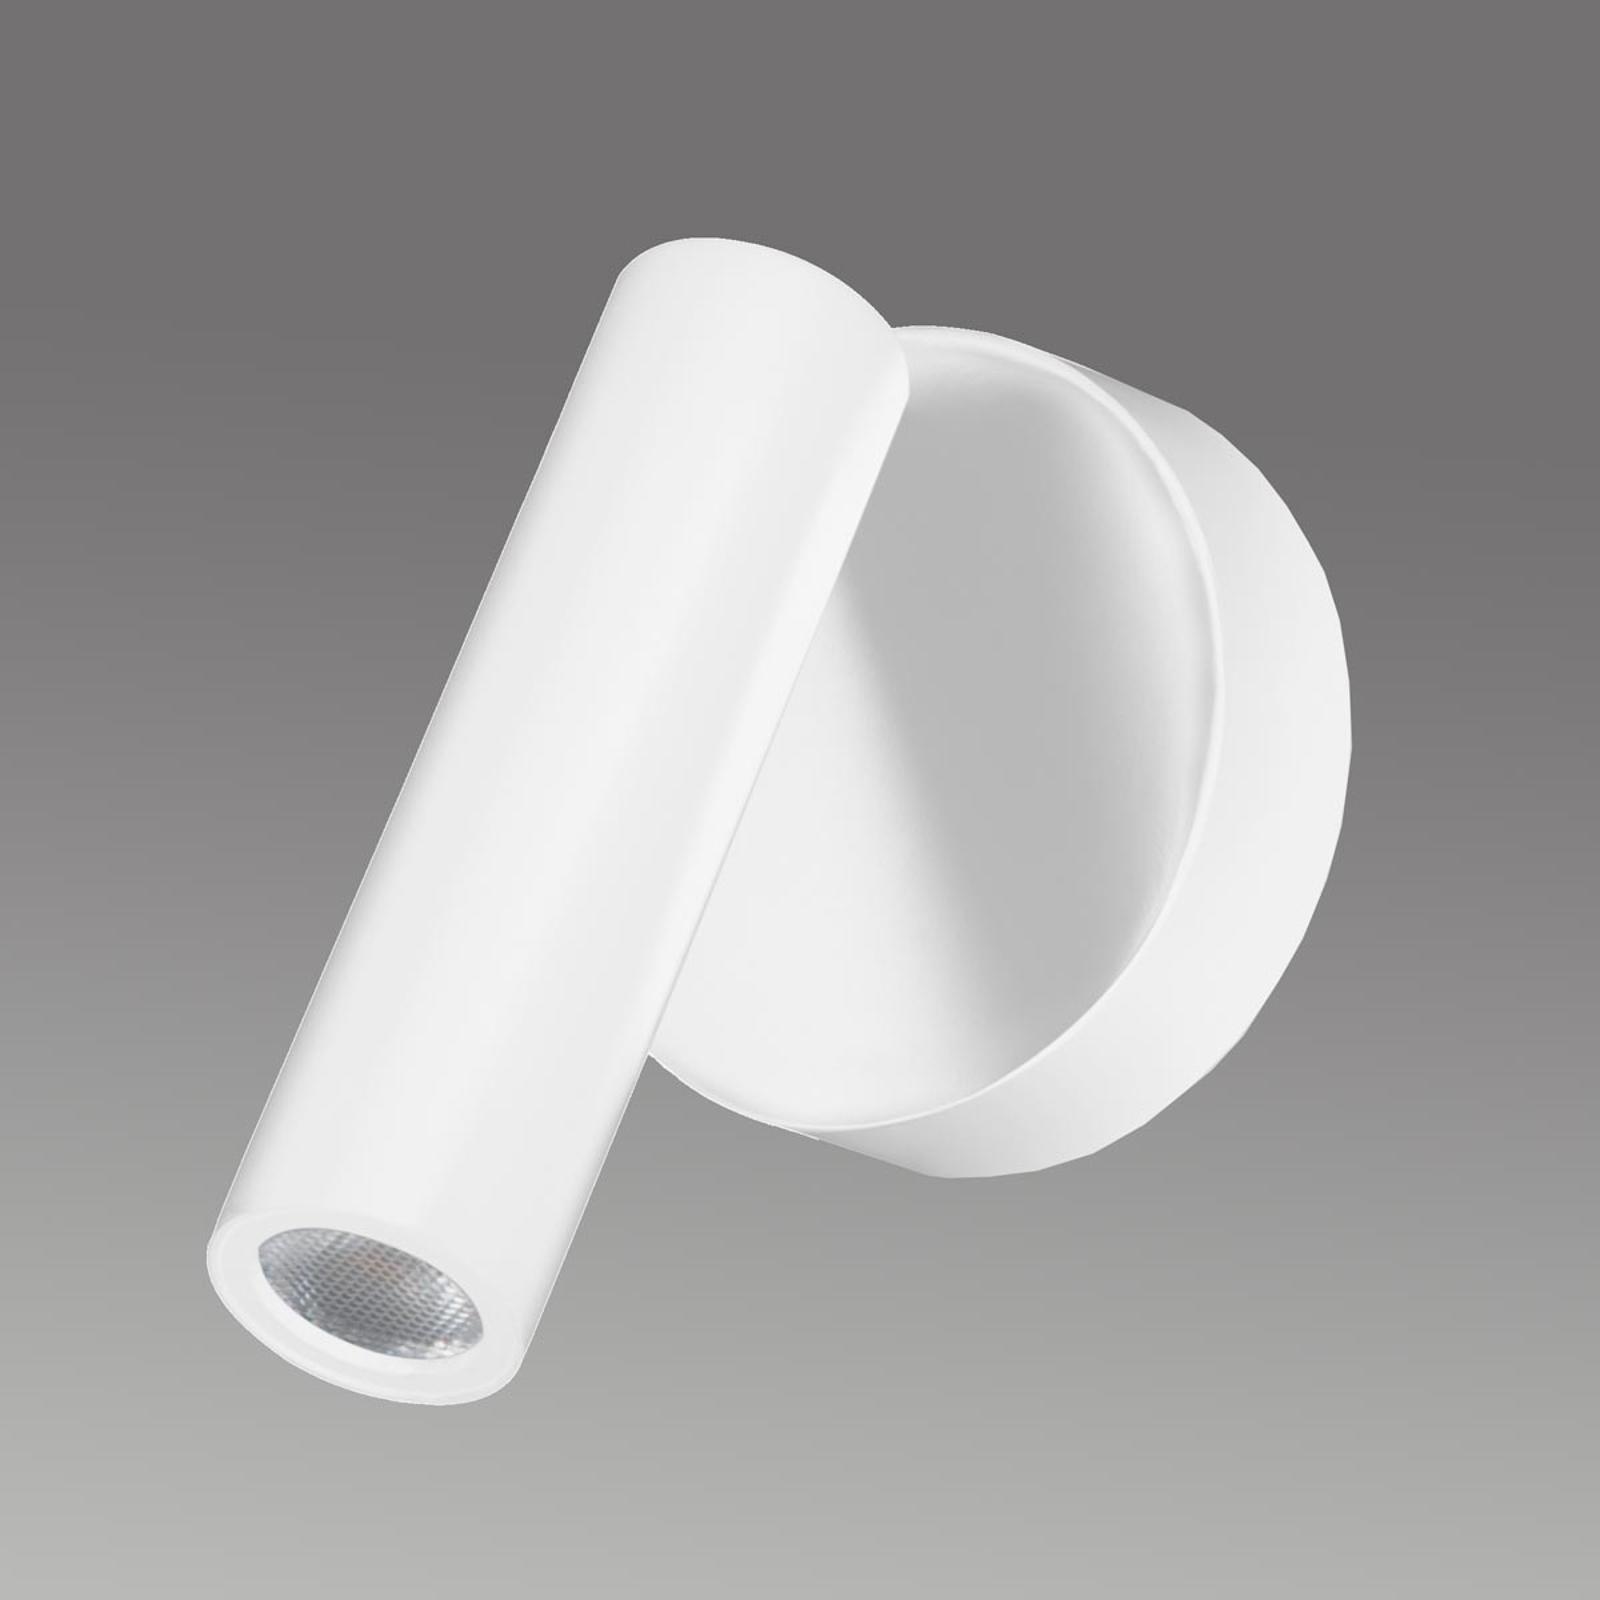 LED-Wandstrahler Stylus, weiß